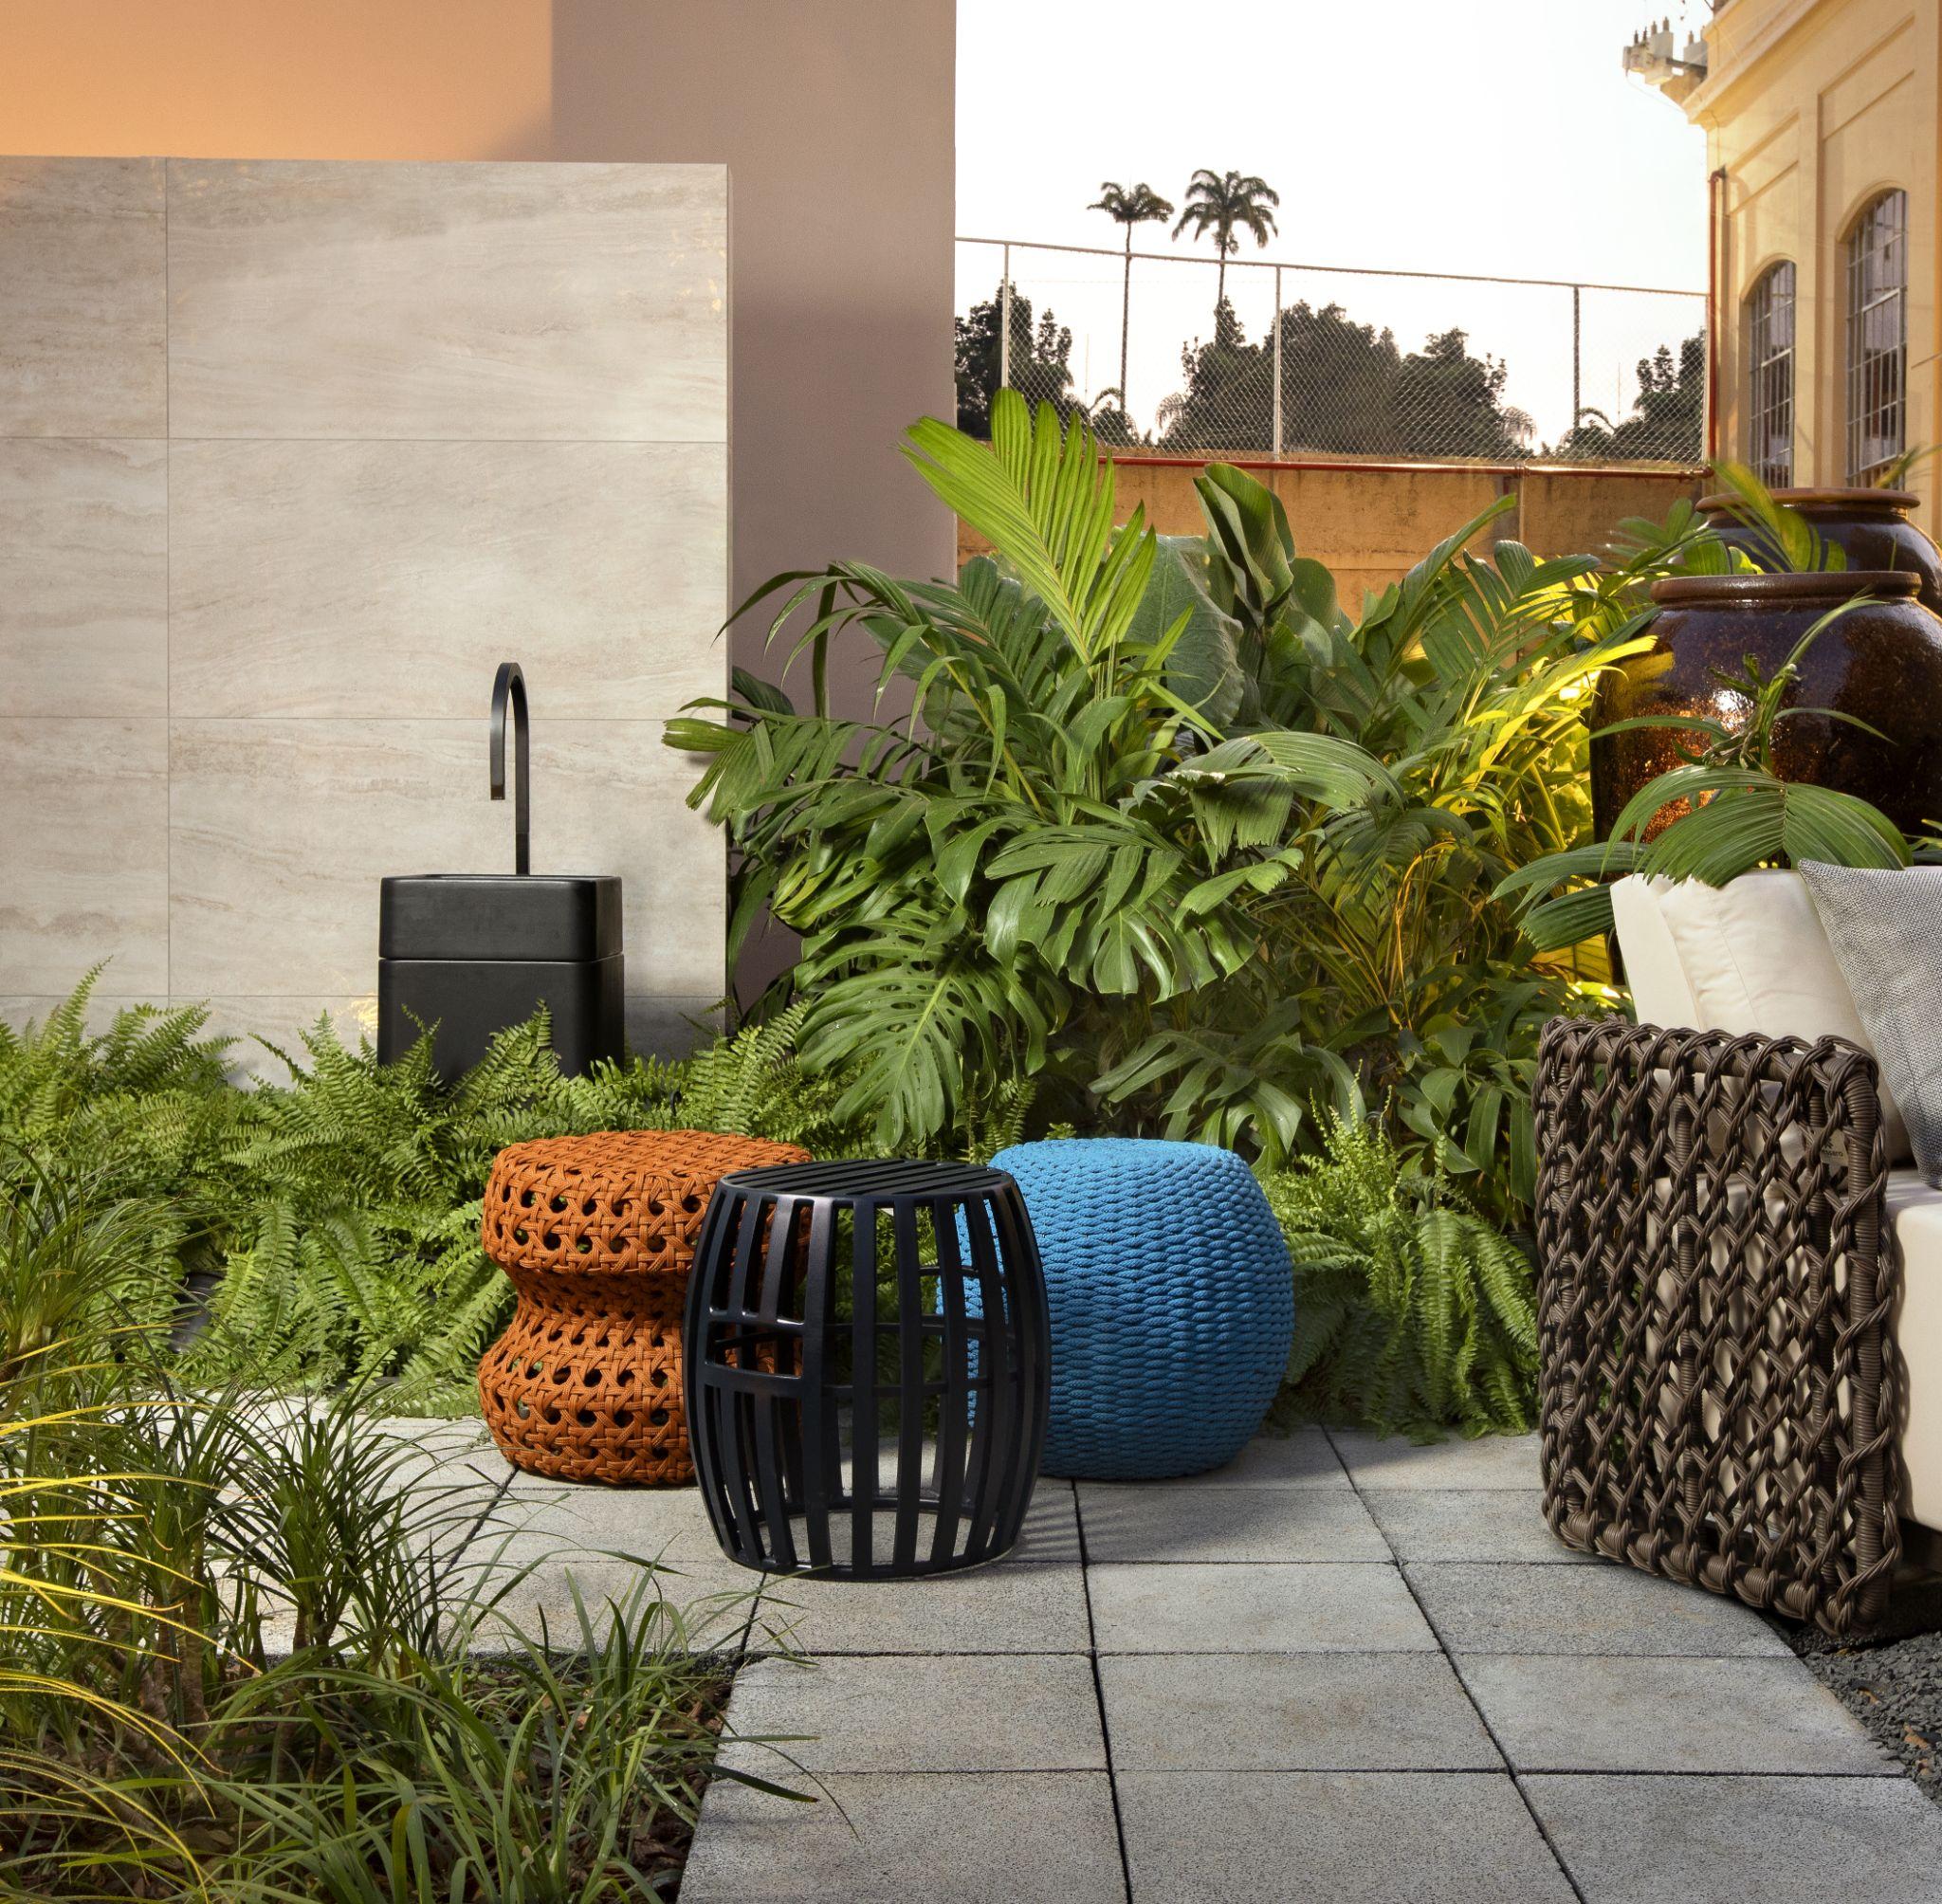 jardim com piso drenante, puffs de crochê, palha e madeira, plantas e luz de led iluminando